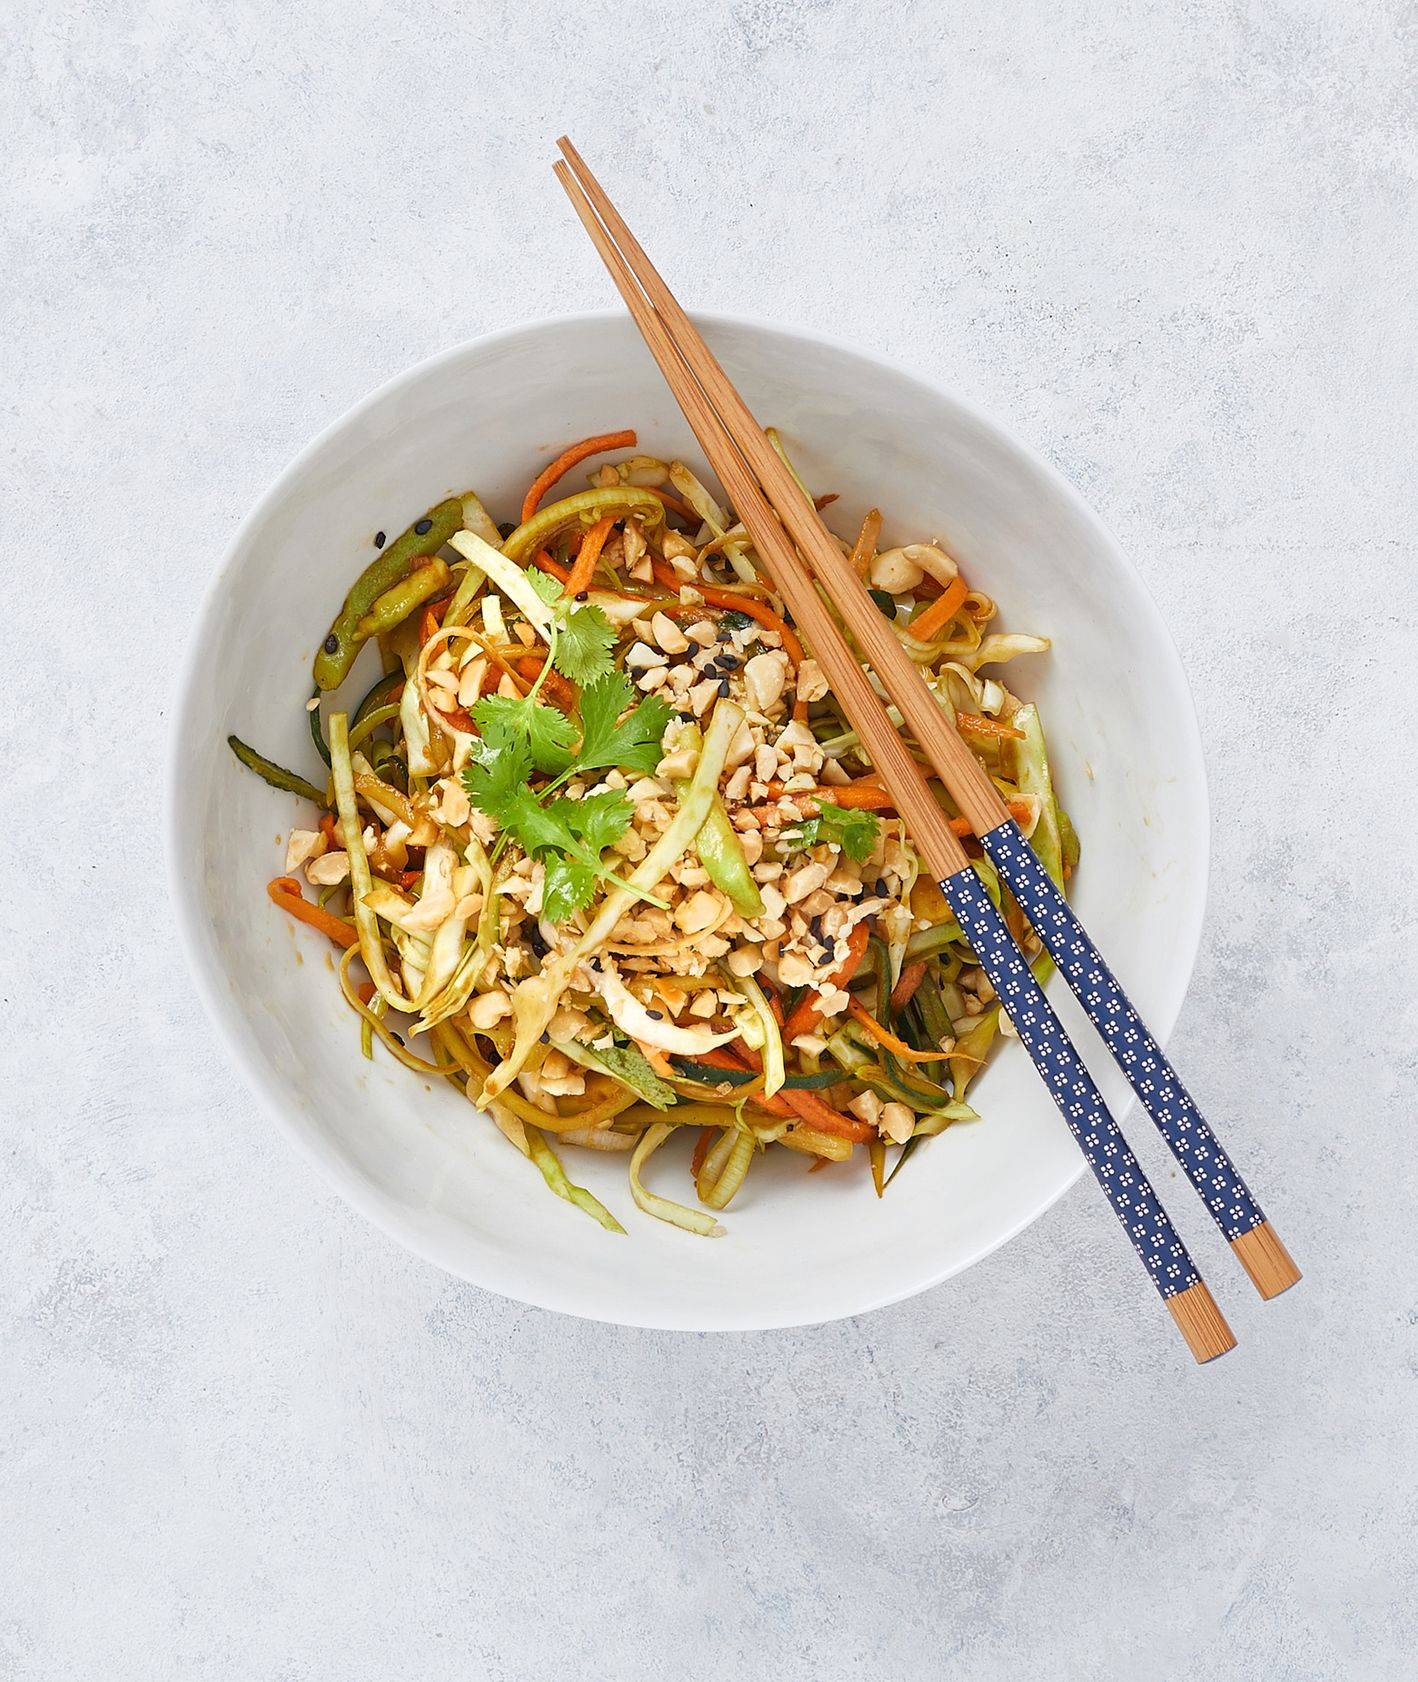 Przepis na azjatycką sałatkę z warzywami. Ogórek, marchewka, por, biała kapusta i awokado, przepis na sałatkę (fot. Maciek Niemojewski)